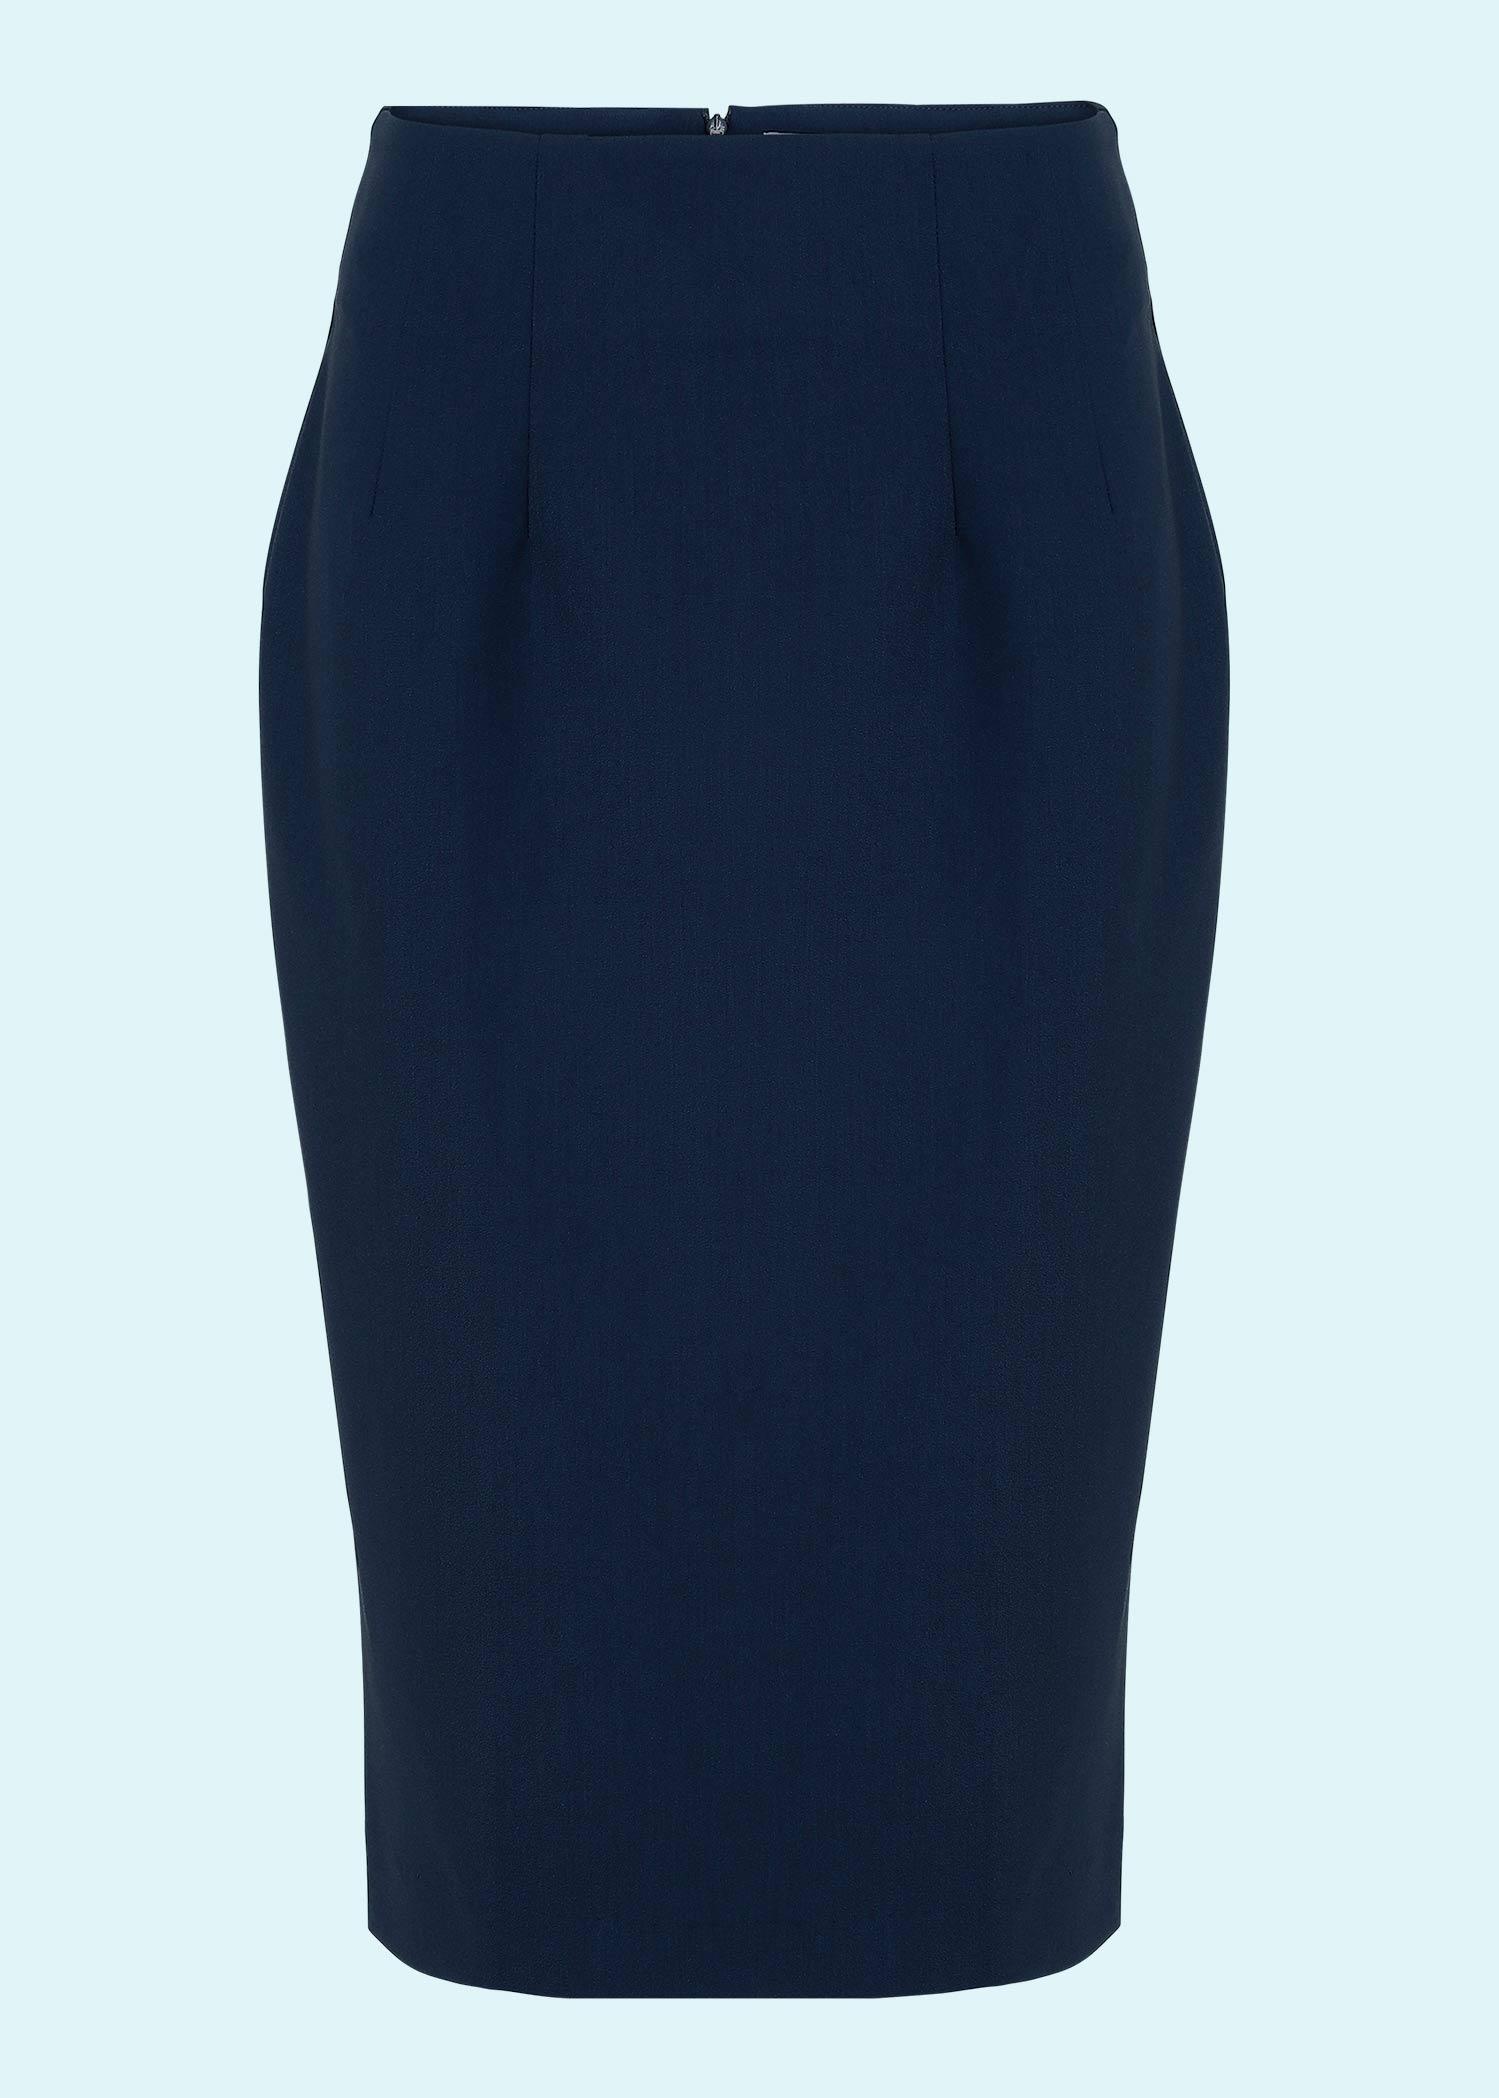 Klassisk navy blå pencil nederdel fra Daisy Dapper